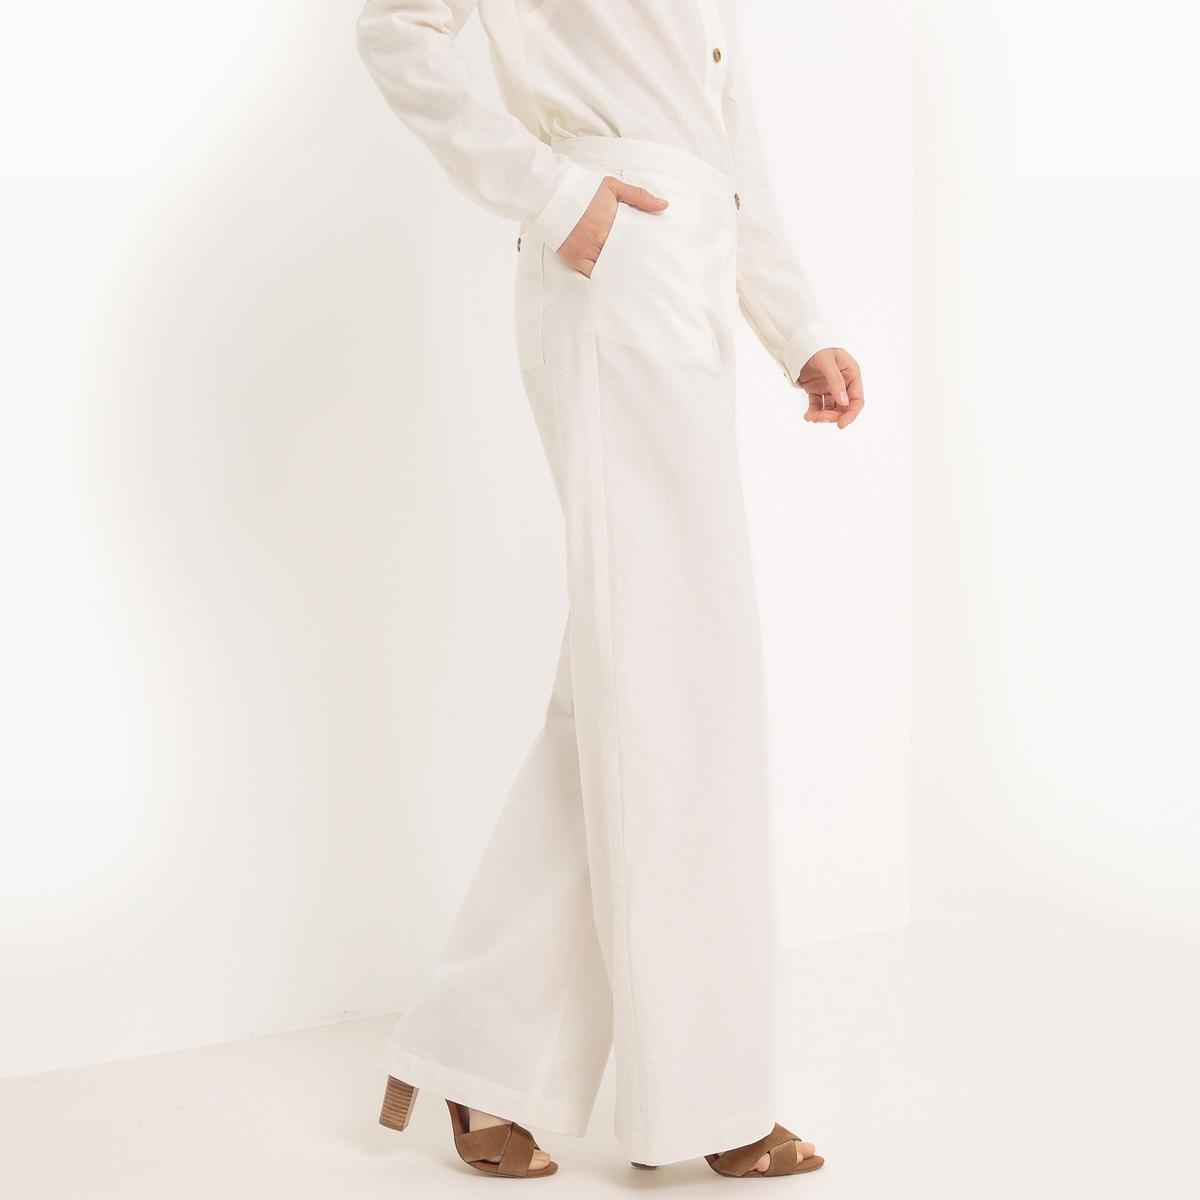 Брюки широкие с завышенной талией, Lin брюки wooly s брюки с завышенной талией killa